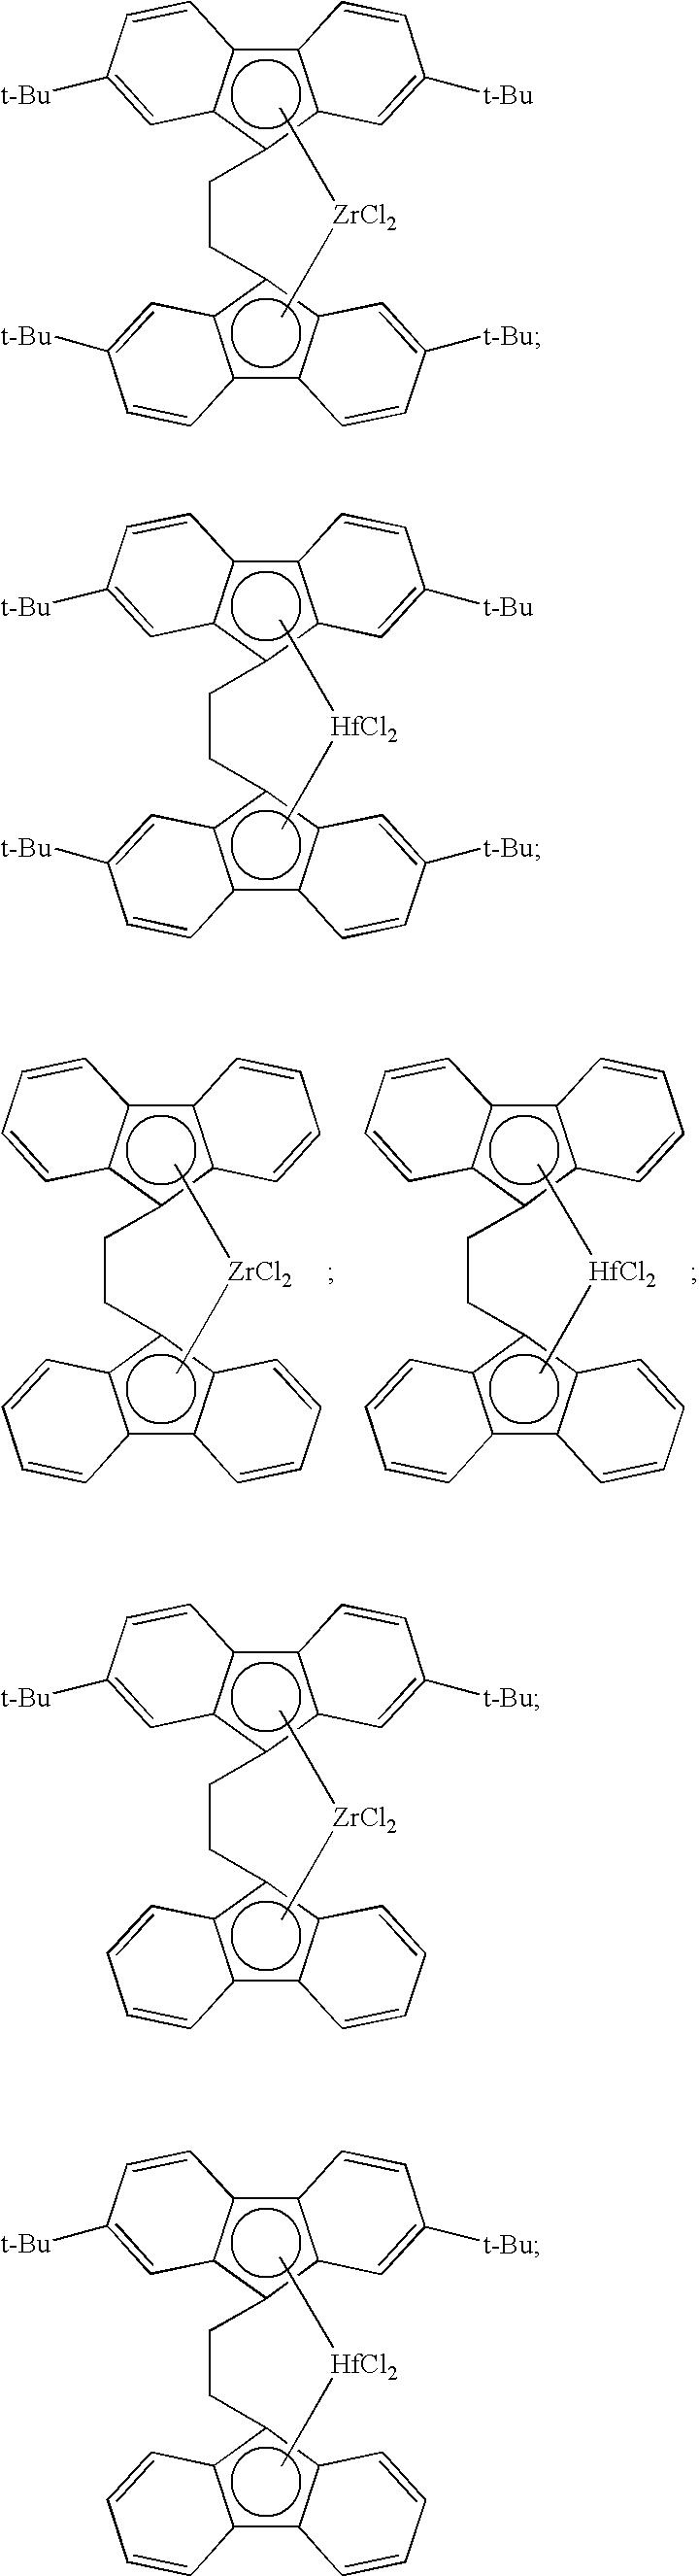 Figure US20100331505A1-20101230-C00026